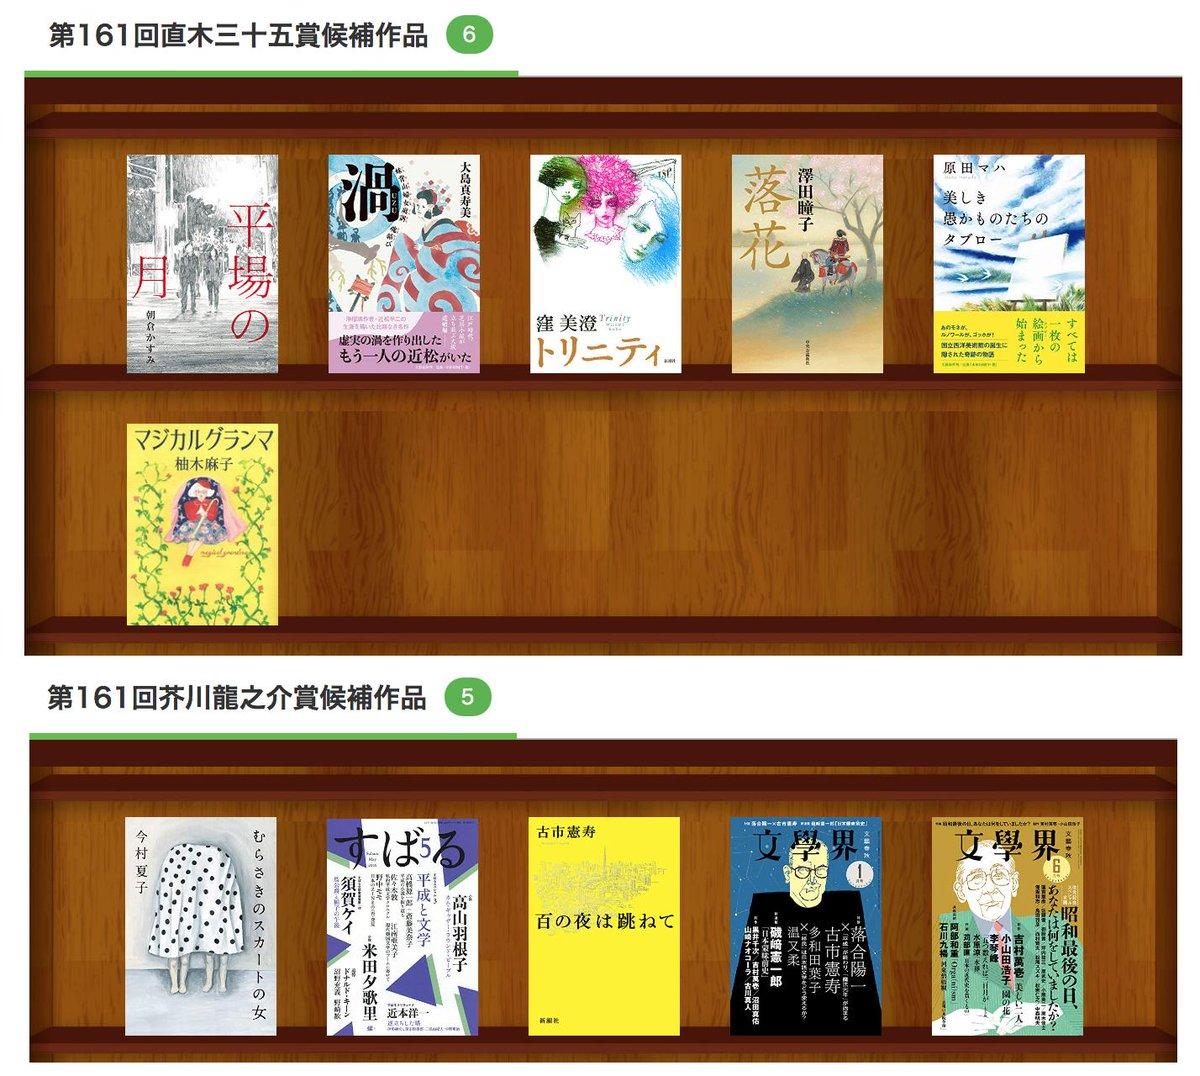 第161回 #芥川賞 #直木賞(日本文学振興会主催)候補作品が発表されました! 各賞の候補作品を #読書メーター の本棚にまとめたのでぜひチェックしてみてください↓